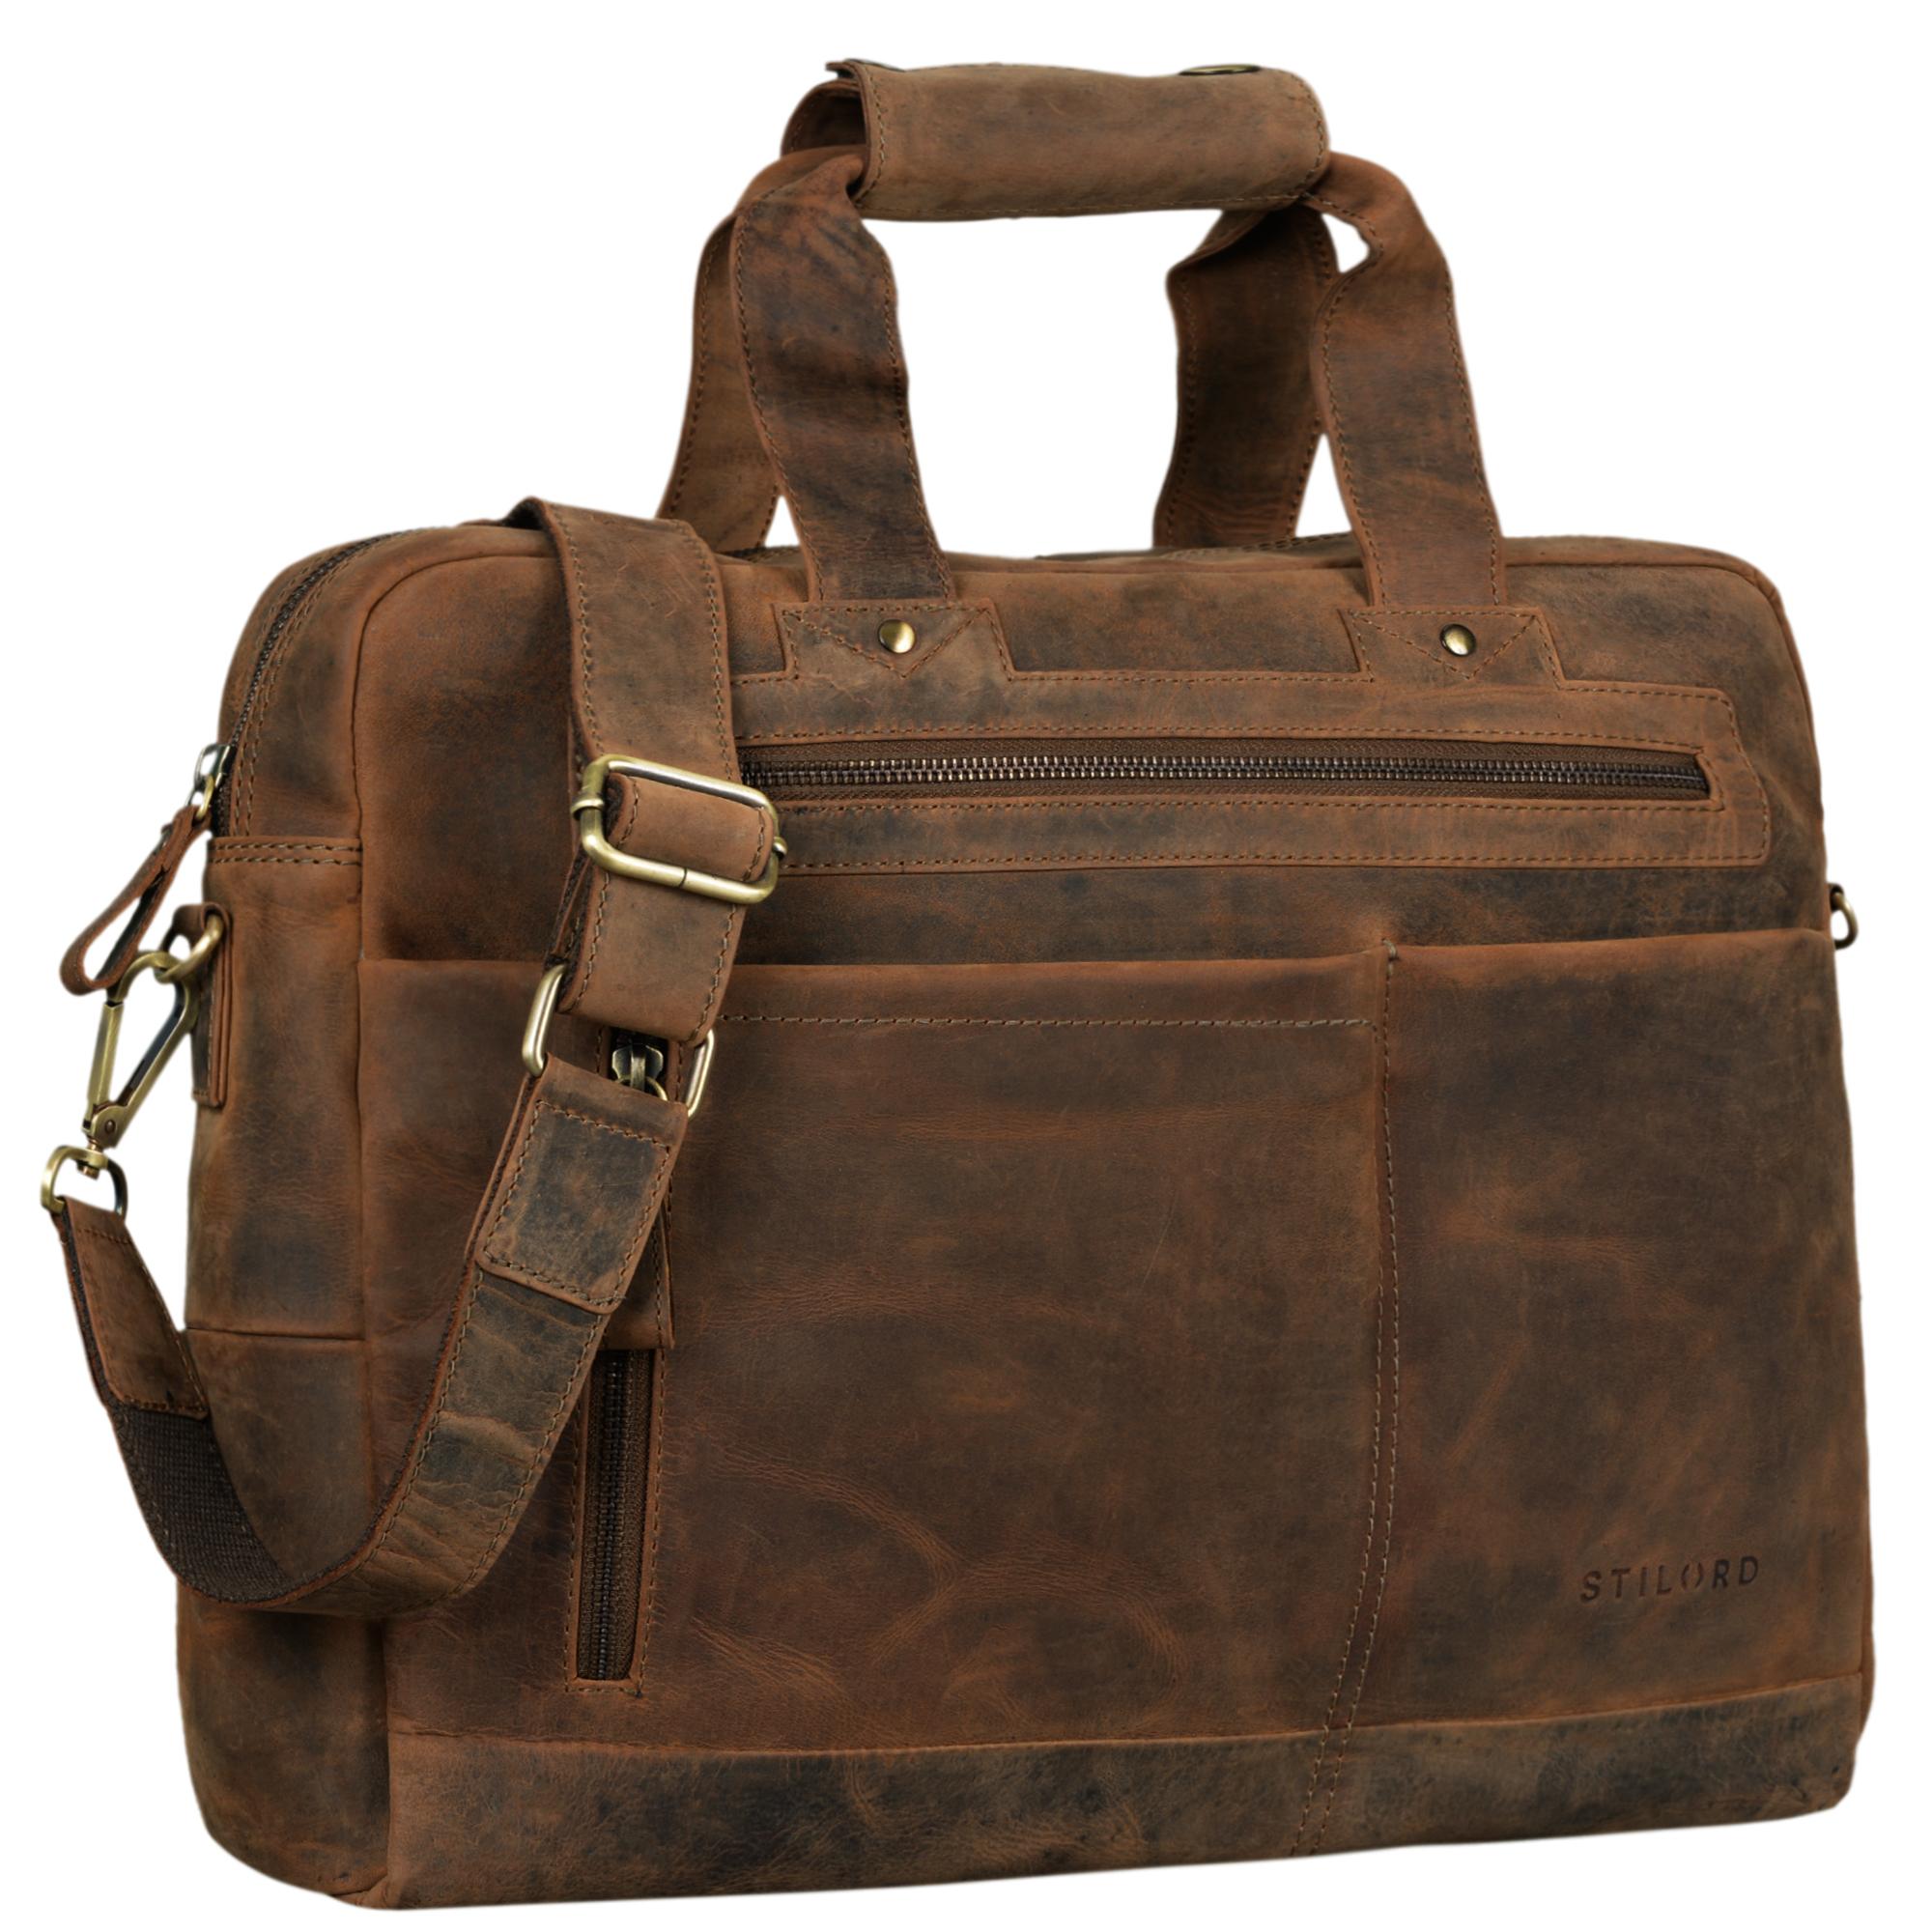 """STILORD """"Patrice"""" Große Leder Umhängetasche Herren Vintage Schultertasche für DIN A4 Ordner Businesstasche mit 15.6 Zoll Laptopfach Trolley aufsteckbar - Bild 8"""